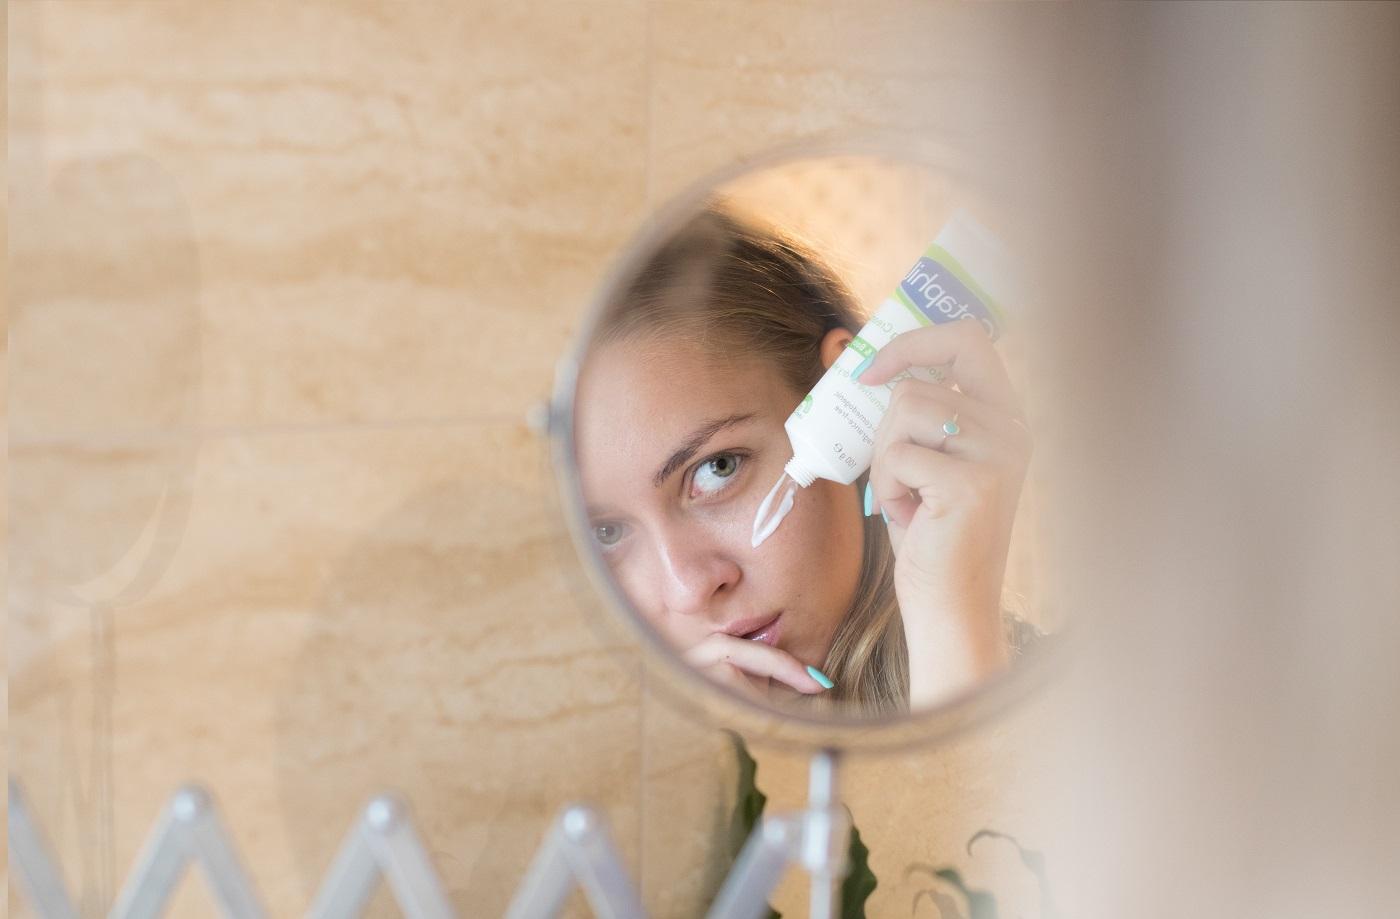 hogyan lehet megszabadulni a viszketst pikkelysömörrel iszapkezels otthon pikkelysömör